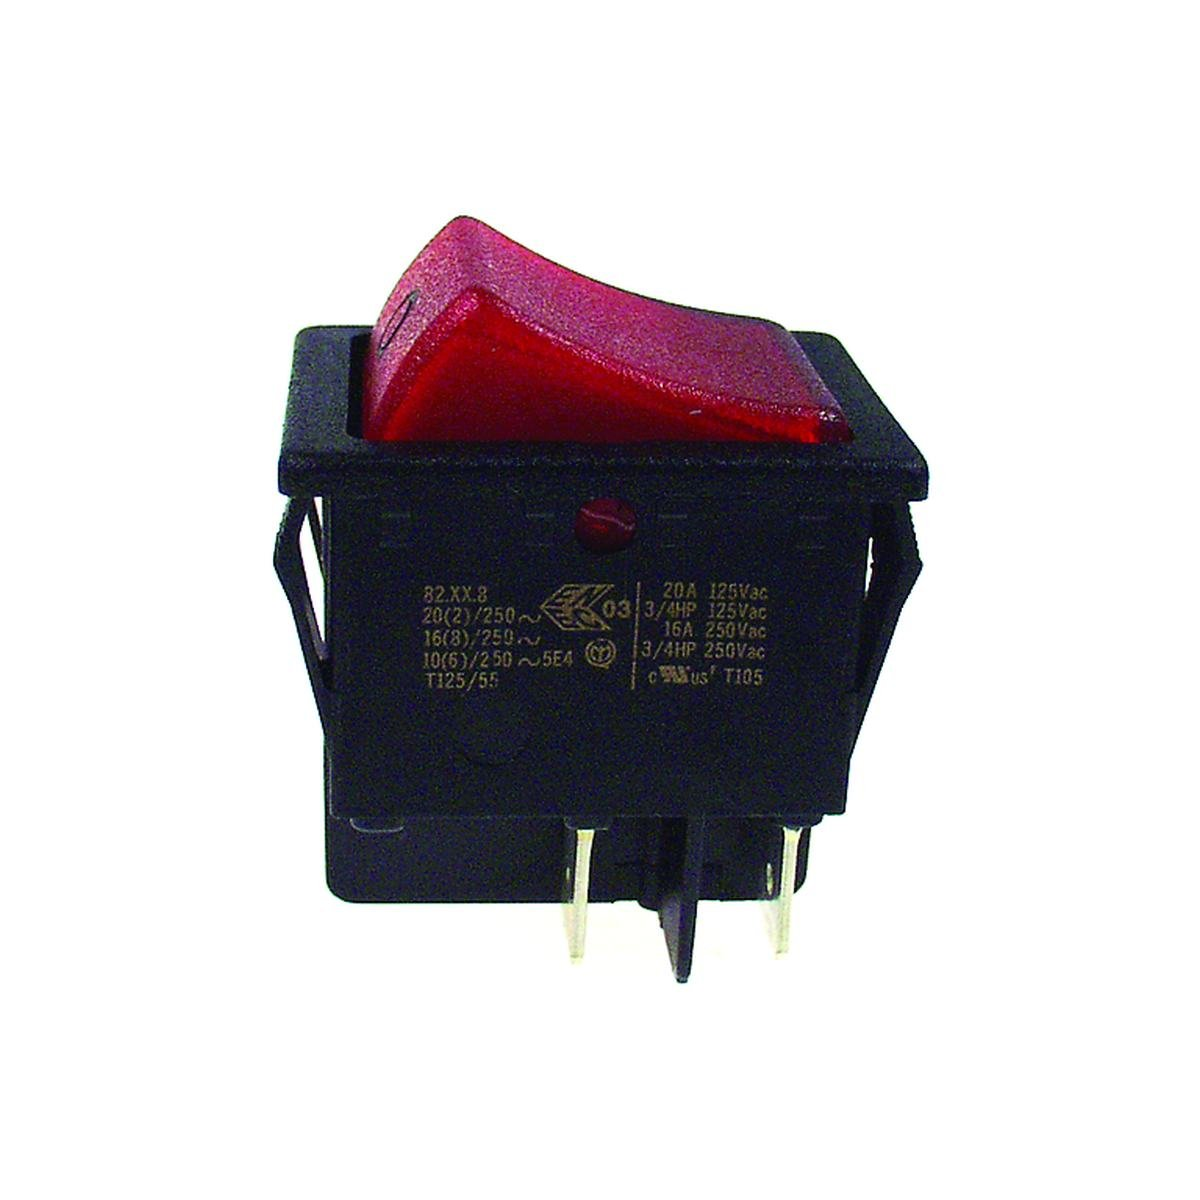 Dobbeltafbryder sort med rødt lys 30 x 22 mm. hulm